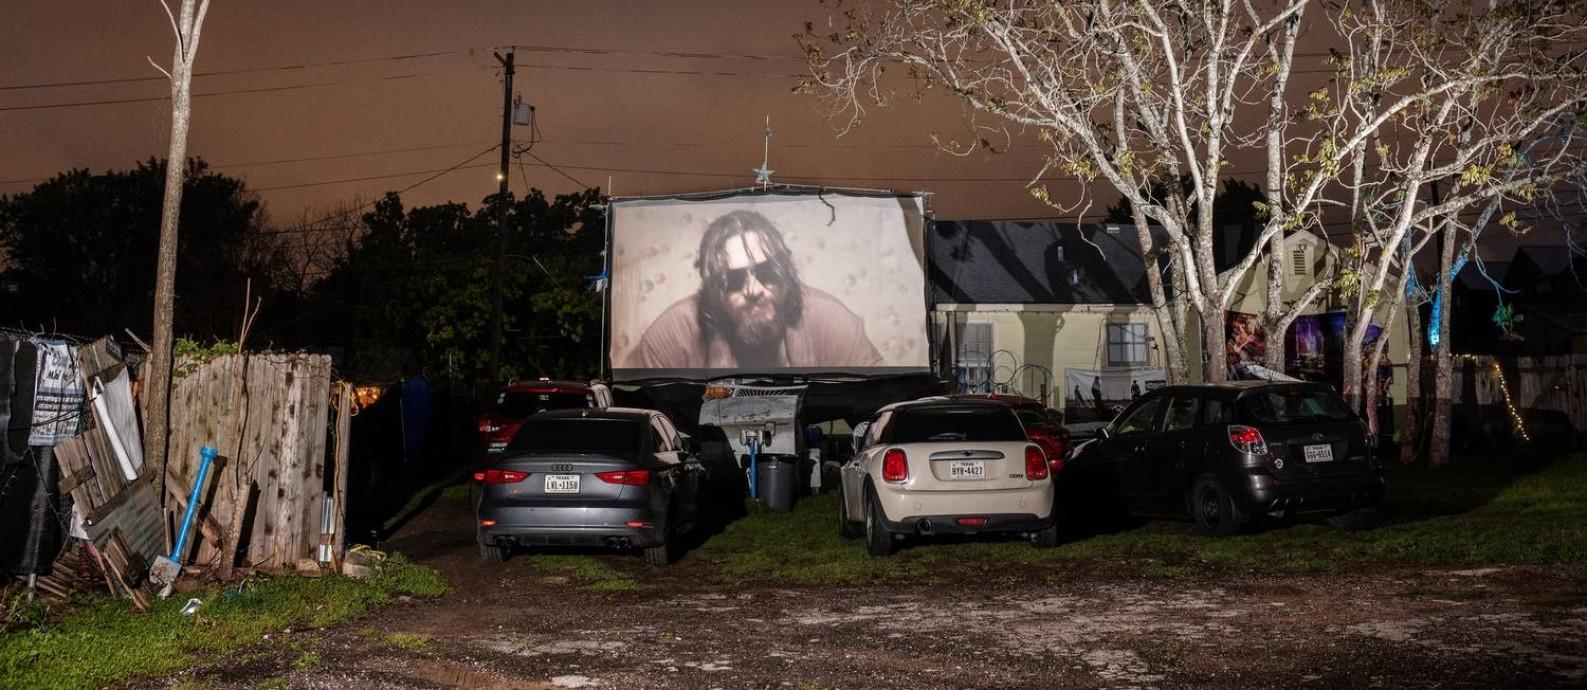 De seus carros, público acompanha o filme 'O grande Lebowski' no drive-in Blue Starlite Mini Urban, em Austin, no Texas Foto: Eli Durst / The New York Times